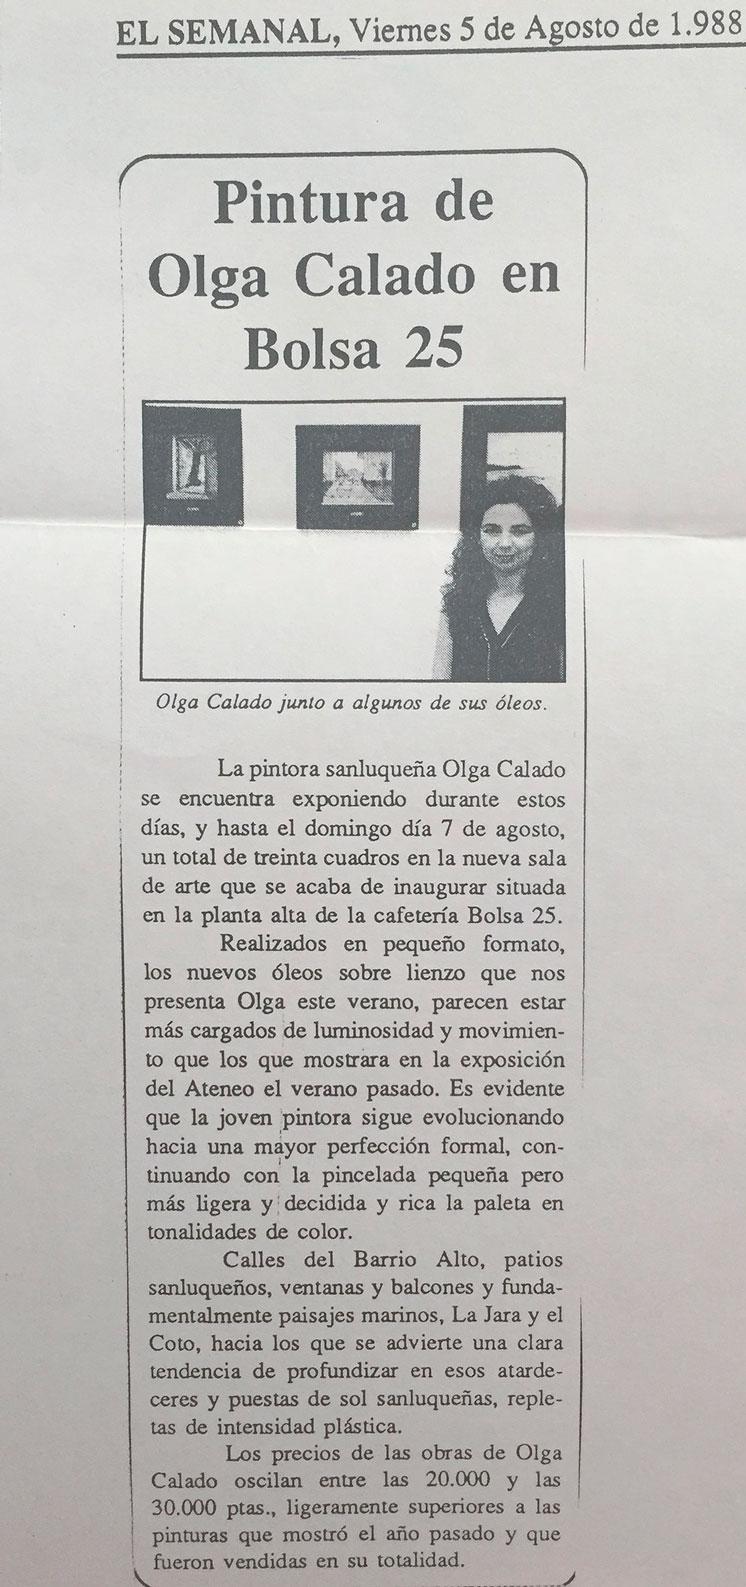 Article Painting Exhibition by Olga Calado at Bolsa 25